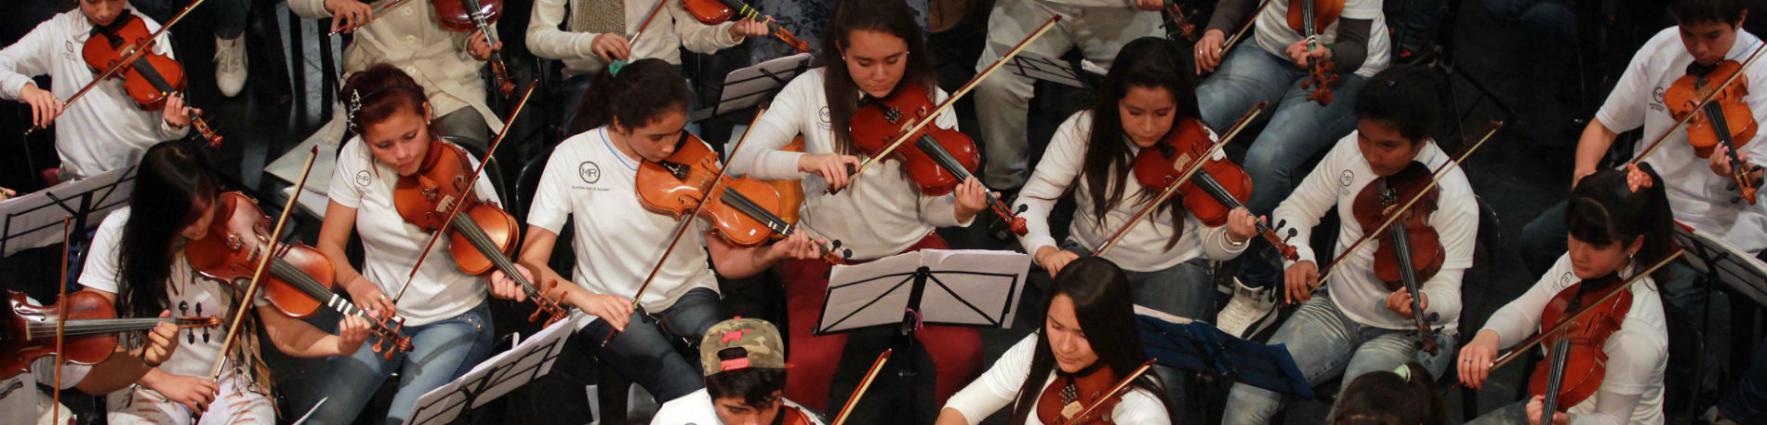 La Orquesta Barrio Ludueña grabando su primer disco